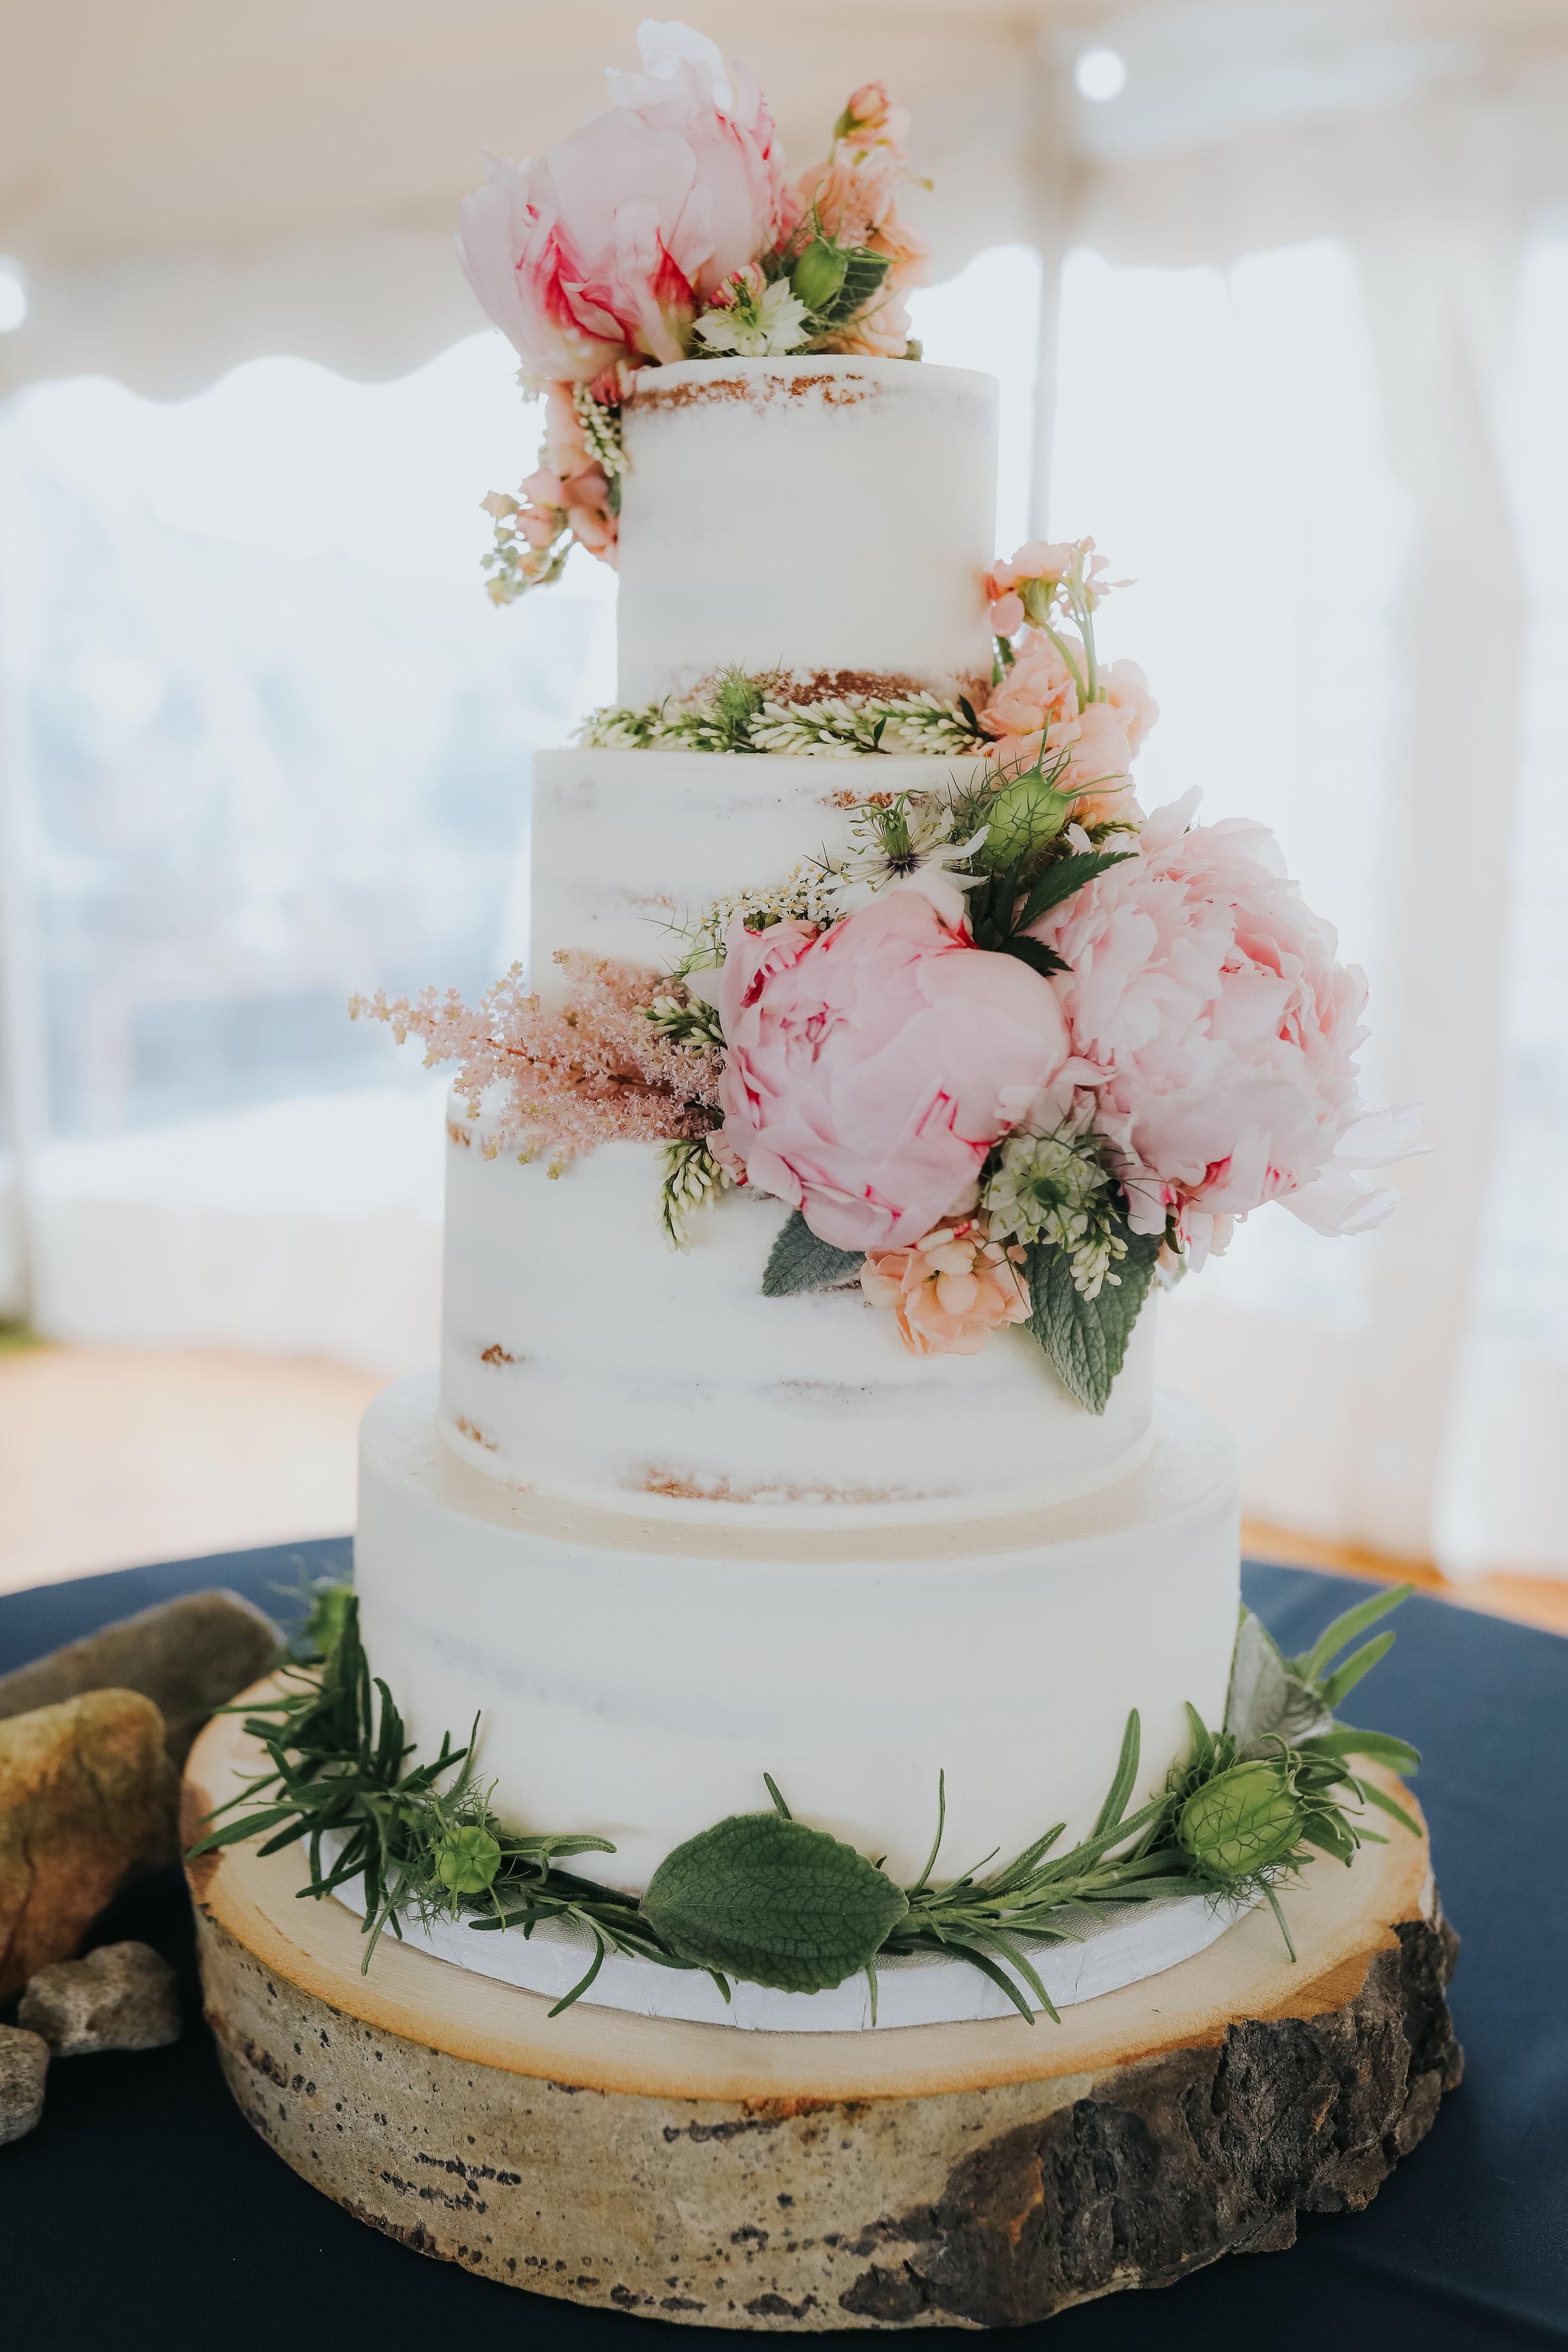 Willa's Cake